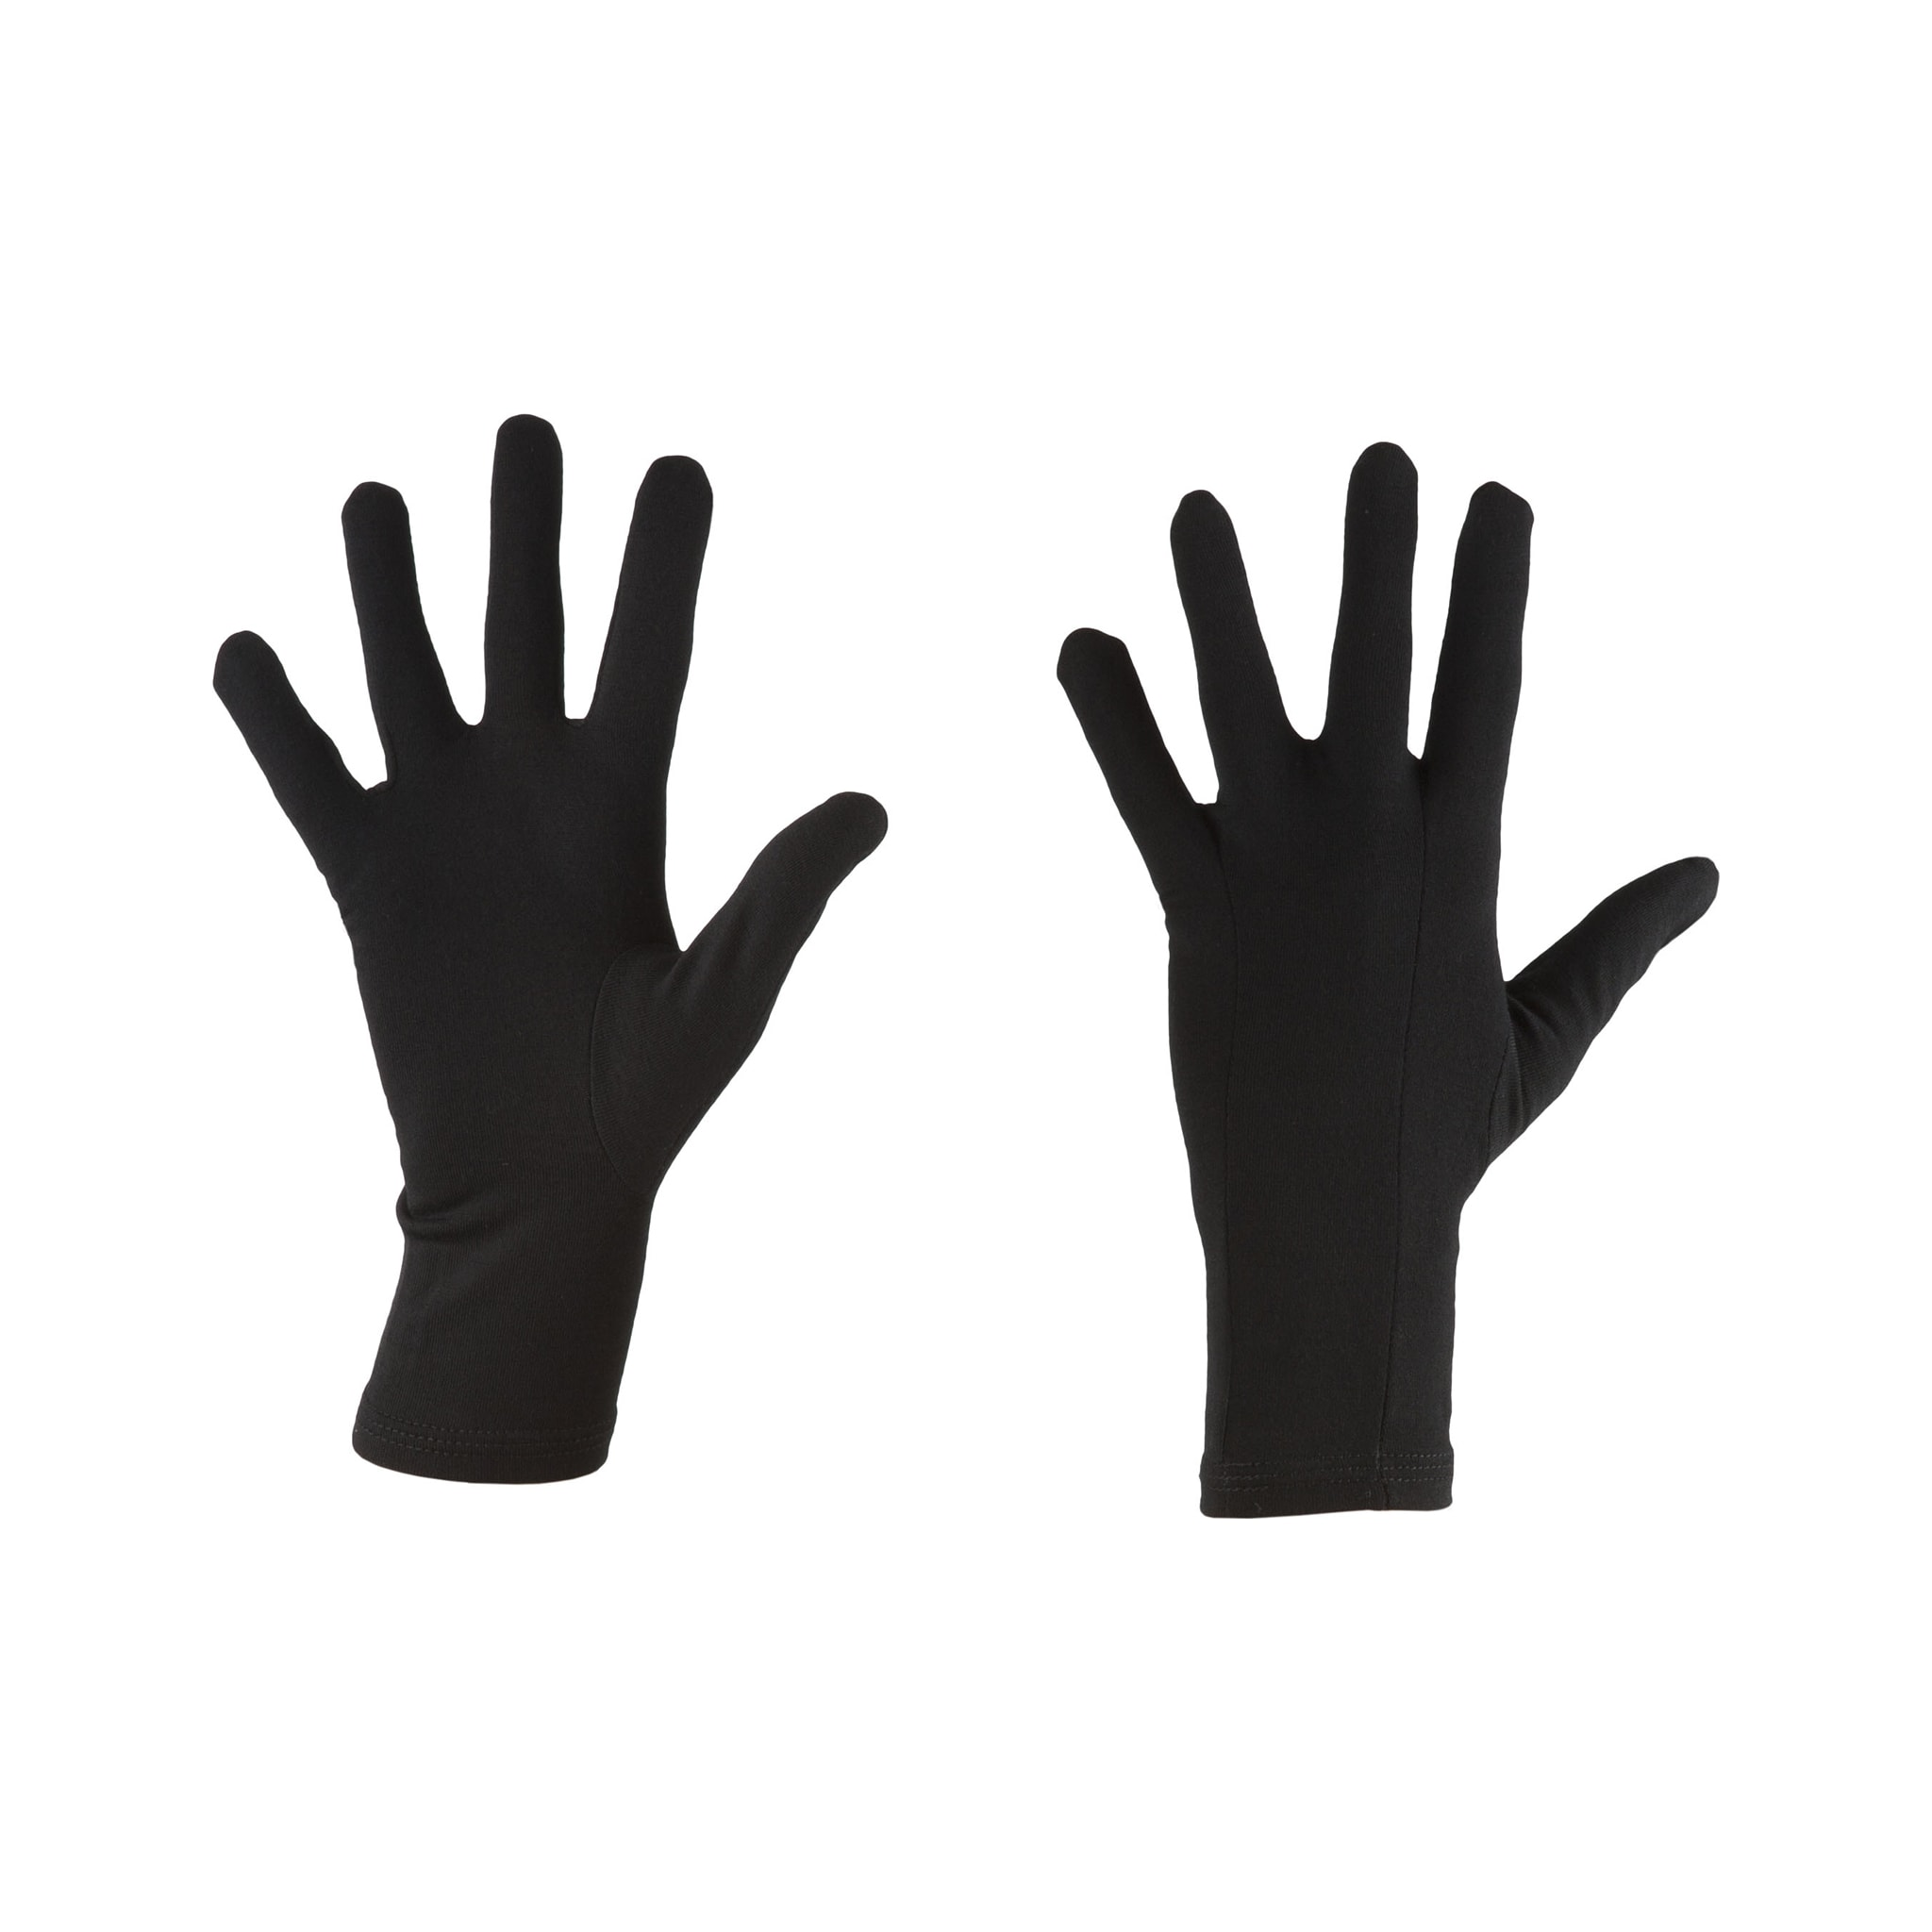 Tynn hanskeliner i merinoull